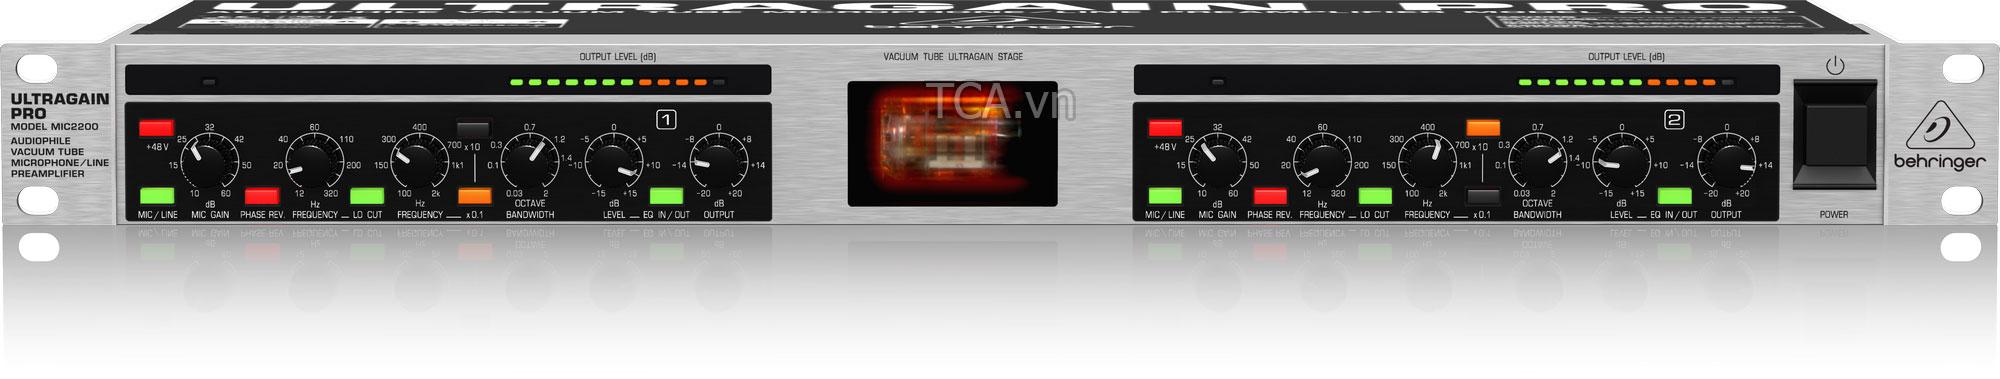 HEADPHONE AMPLIFIERS Behringer HA400